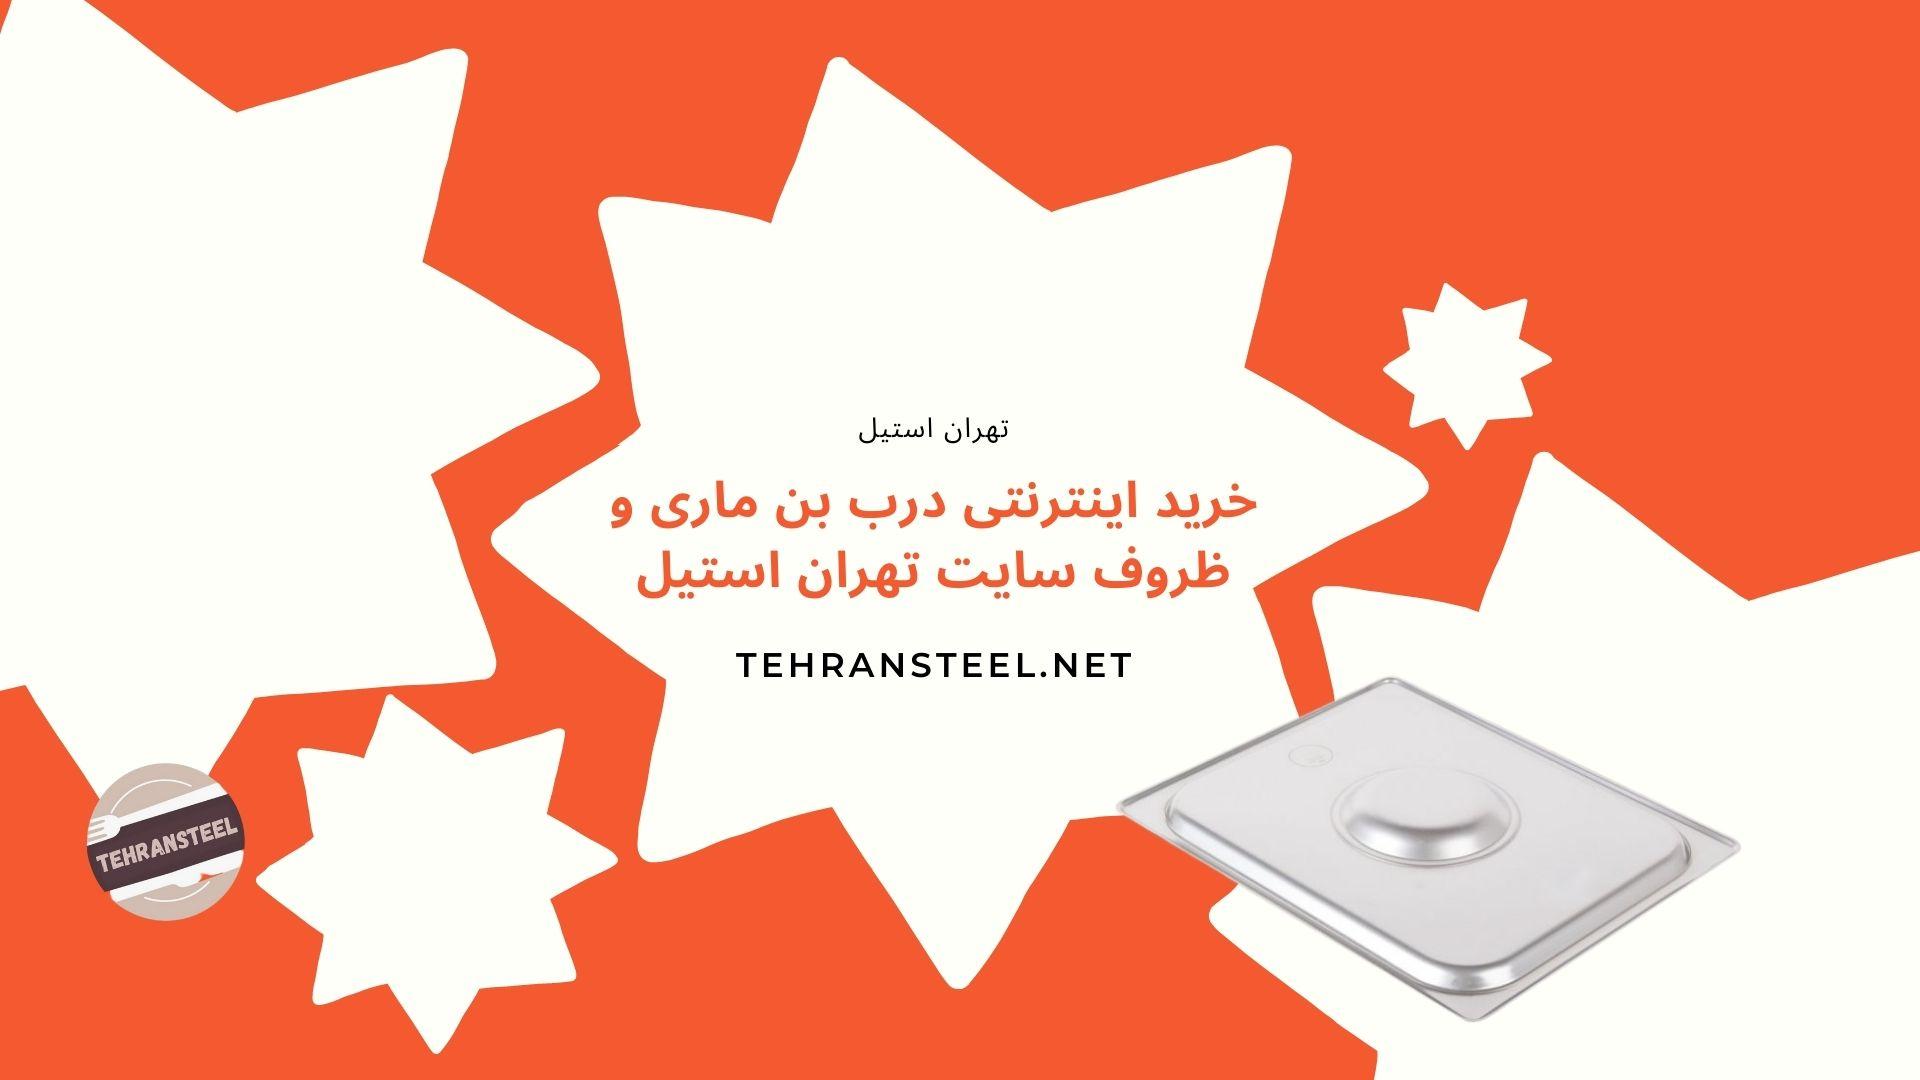 خرید اینترنتی درب بن ماری و ظروف سایت تهران استیل